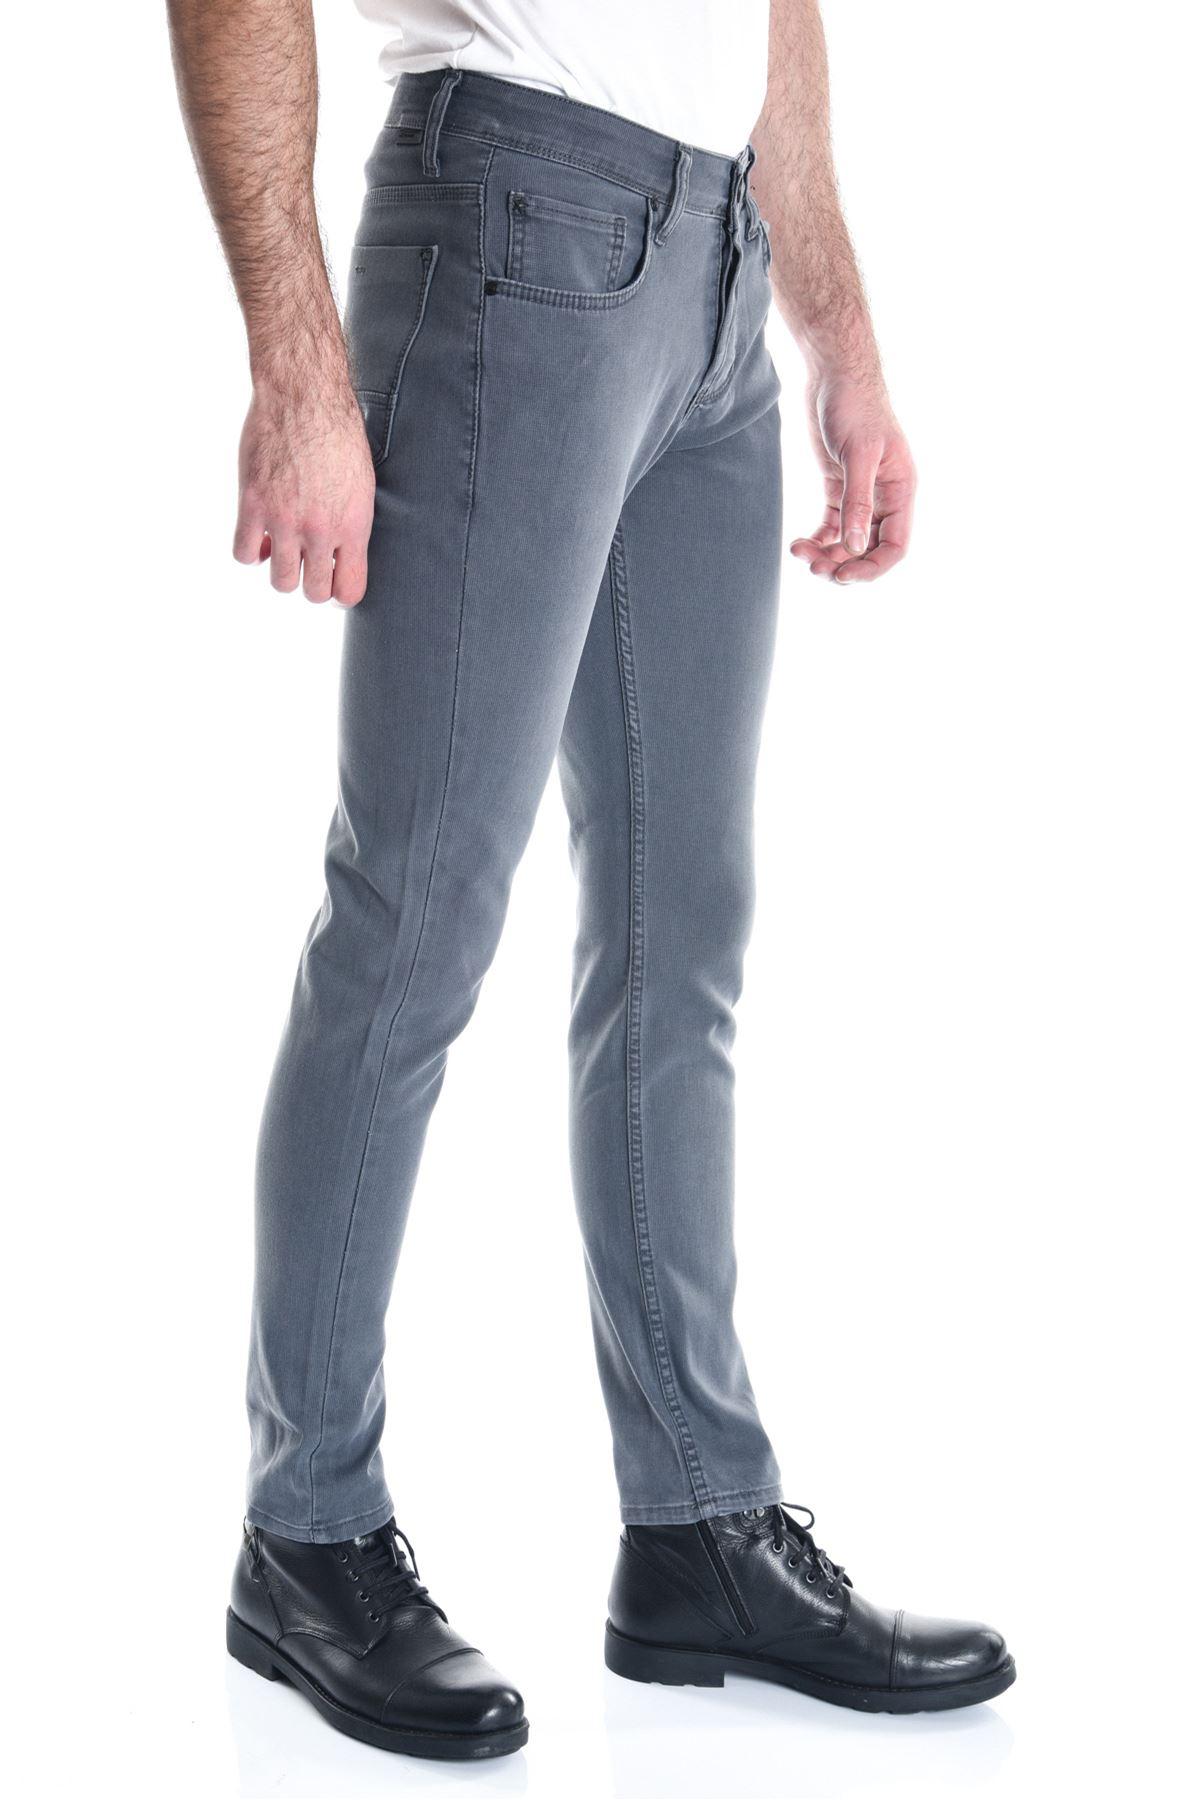 Antrasit Sade Slimfit Erkek Kot Pantolon